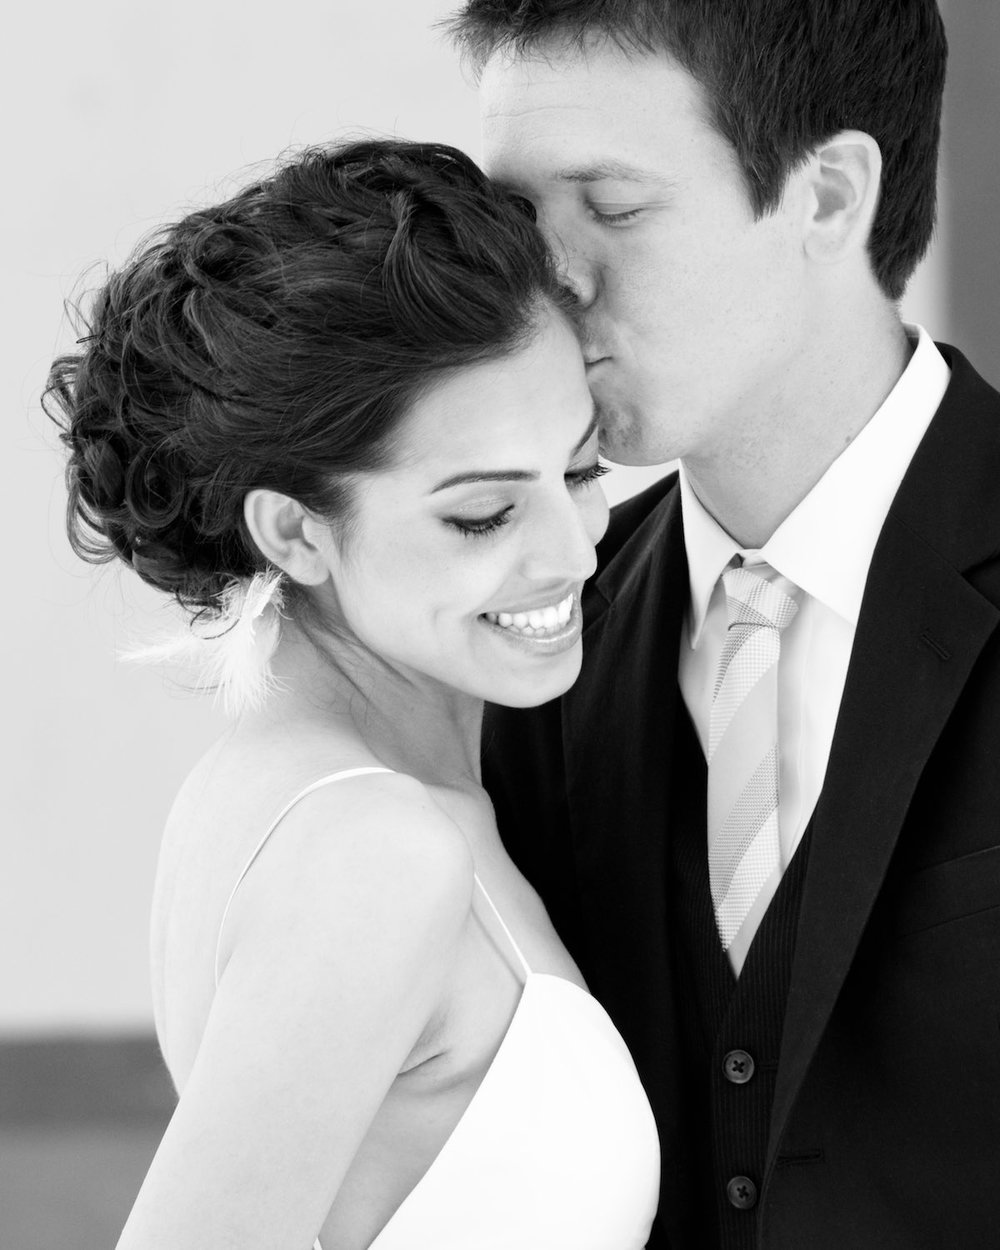 weddings-michal-pfeil-11.jpg